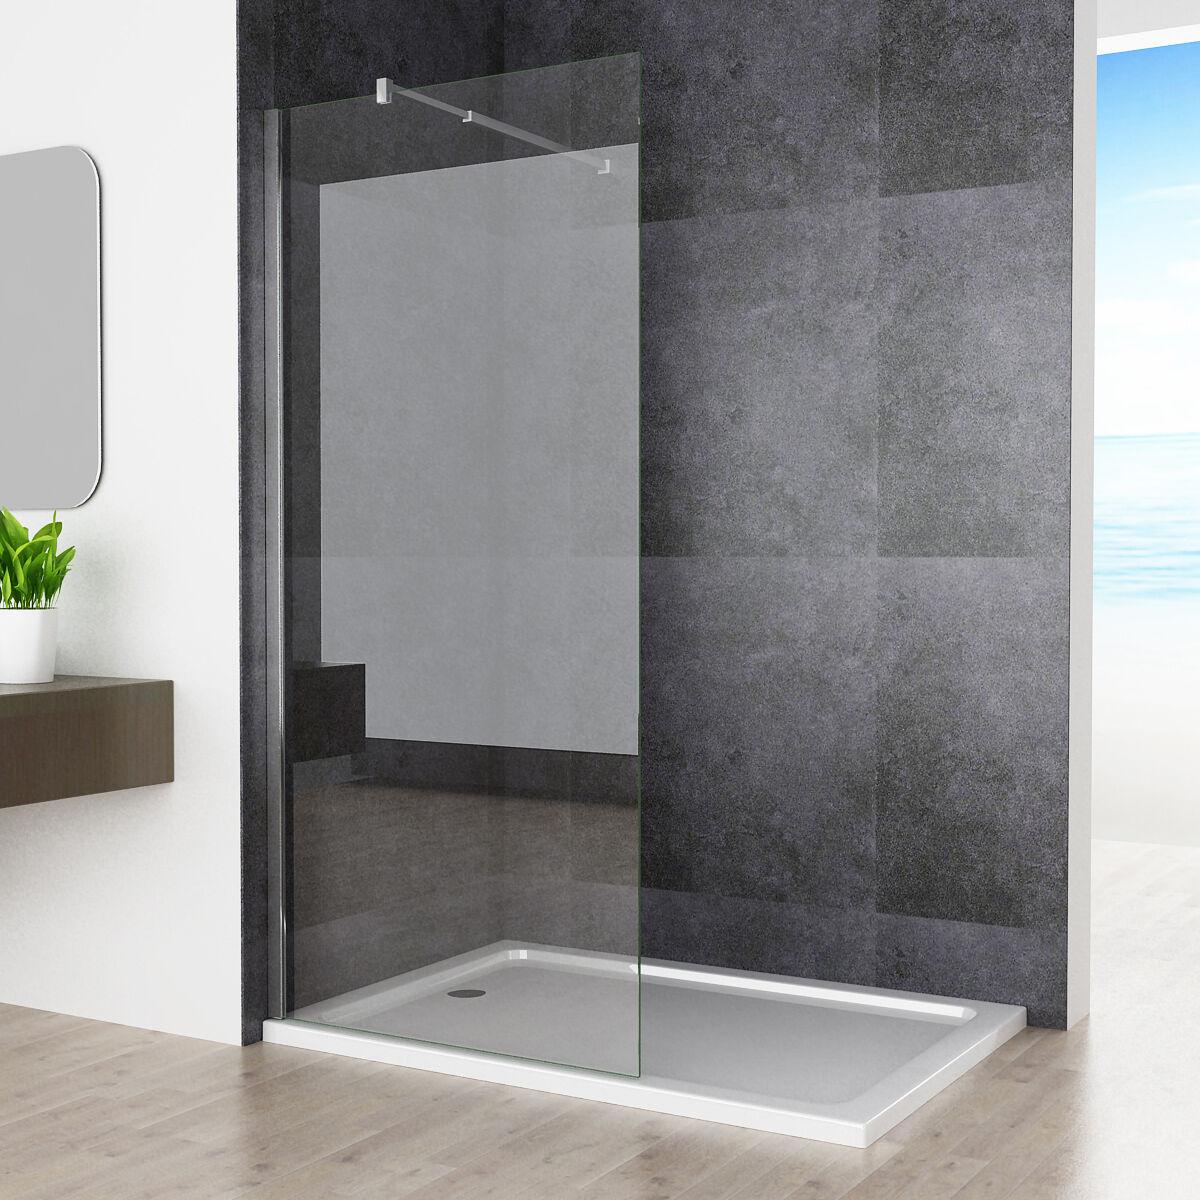 70x200cm walkin dusche duschtrennwand duschwand 10mm nano. Black Bedroom Furniture Sets. Home Design Ideas